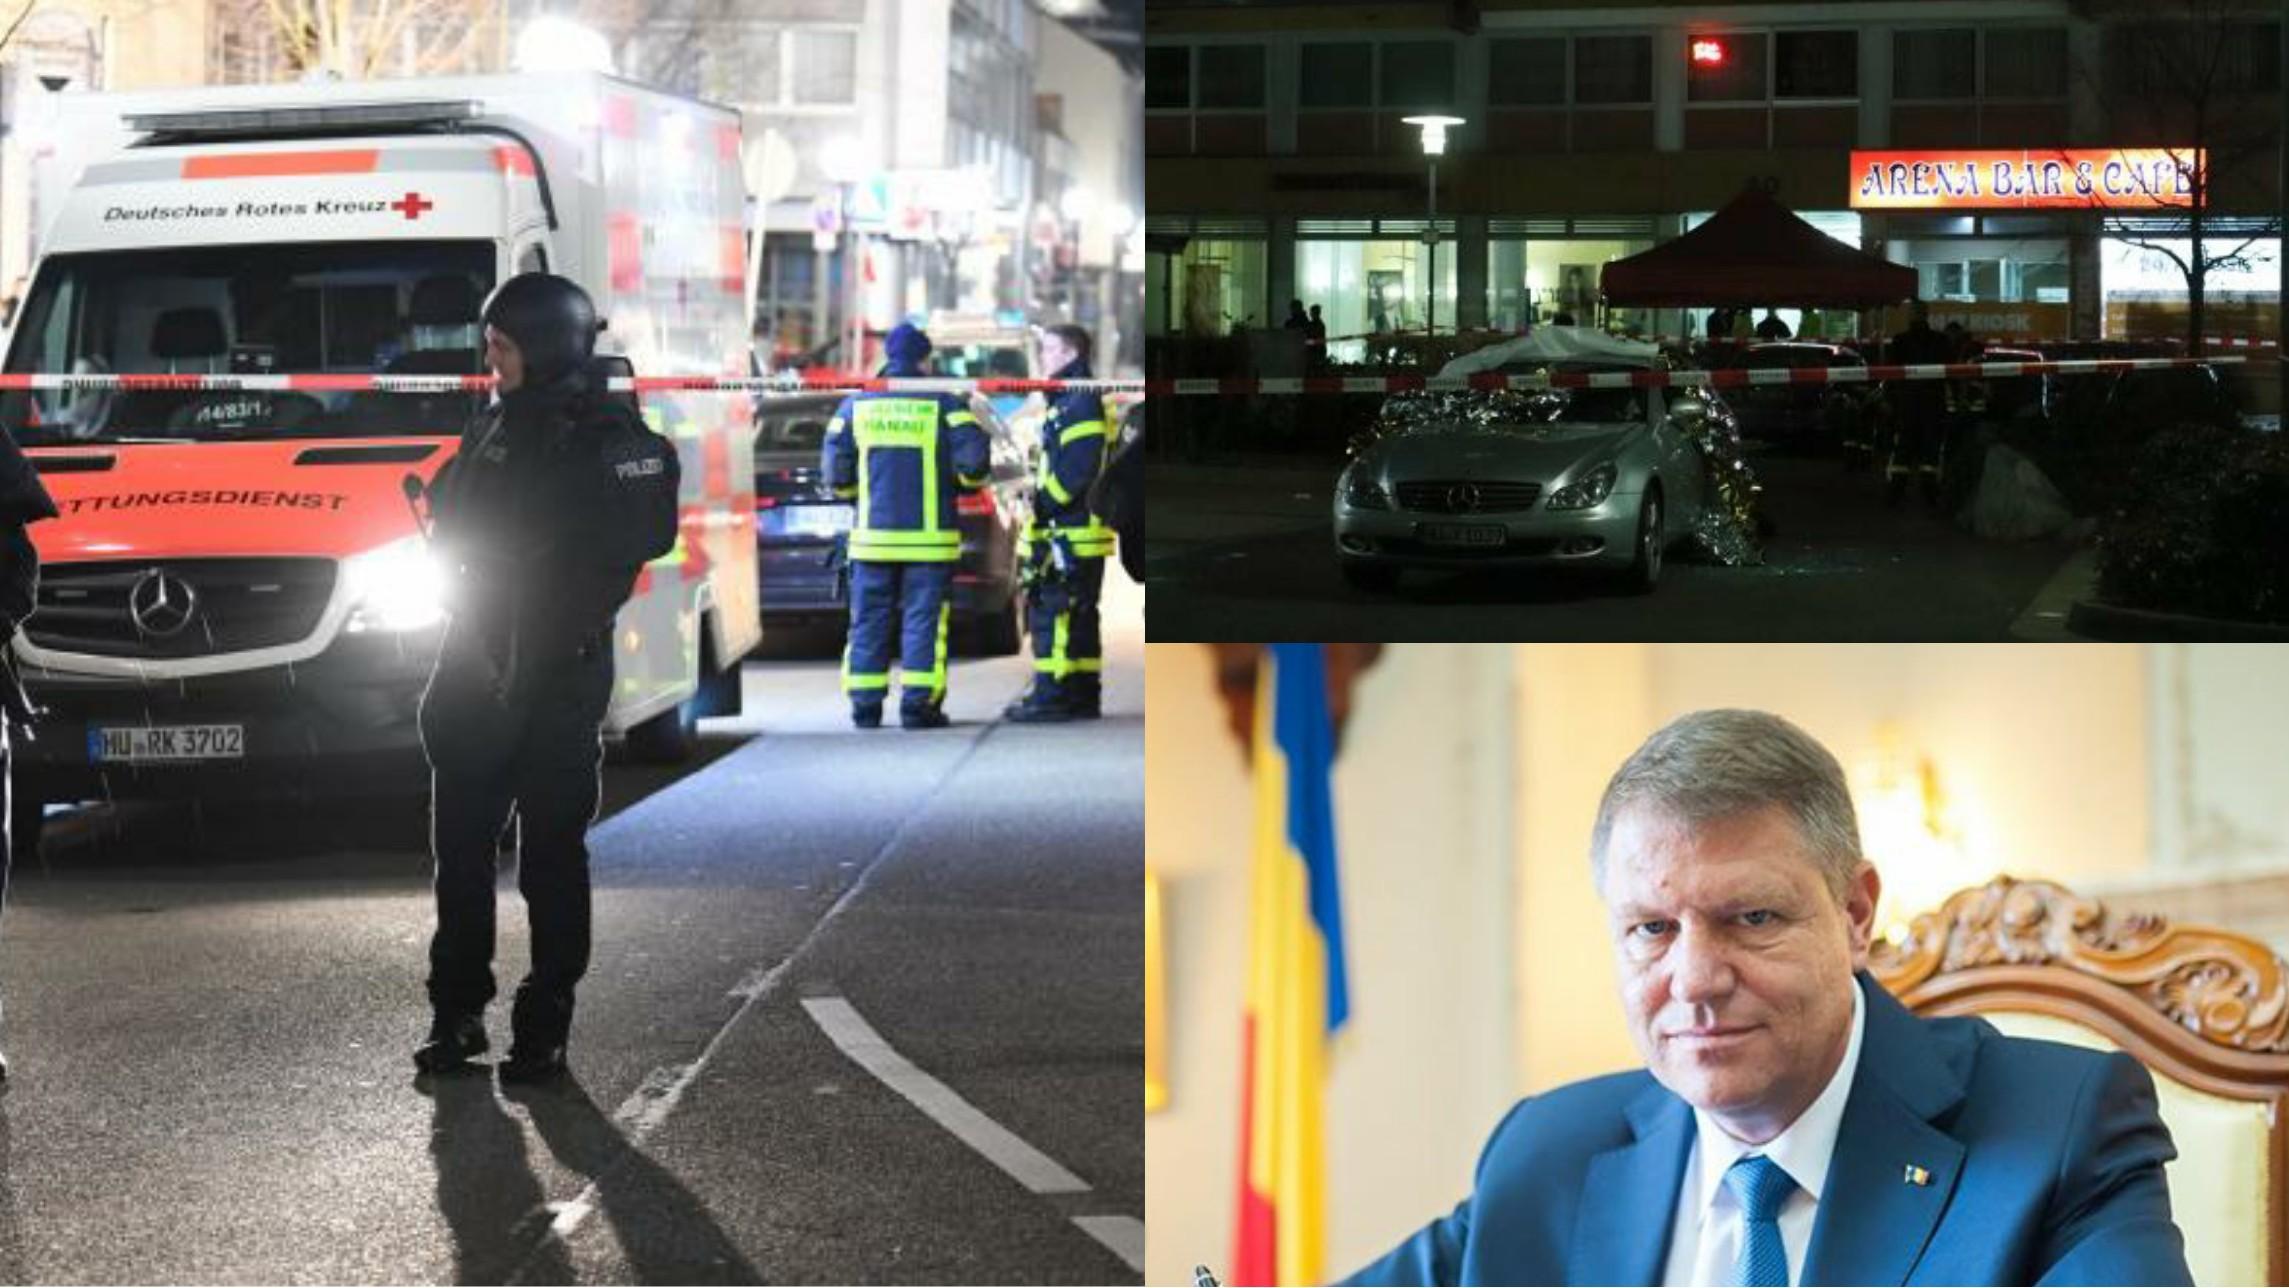 Un tânăr de 23 de ani, din România, ucis în atacul armat din Germania, președintele transmite condoleanțe familie îndoliate